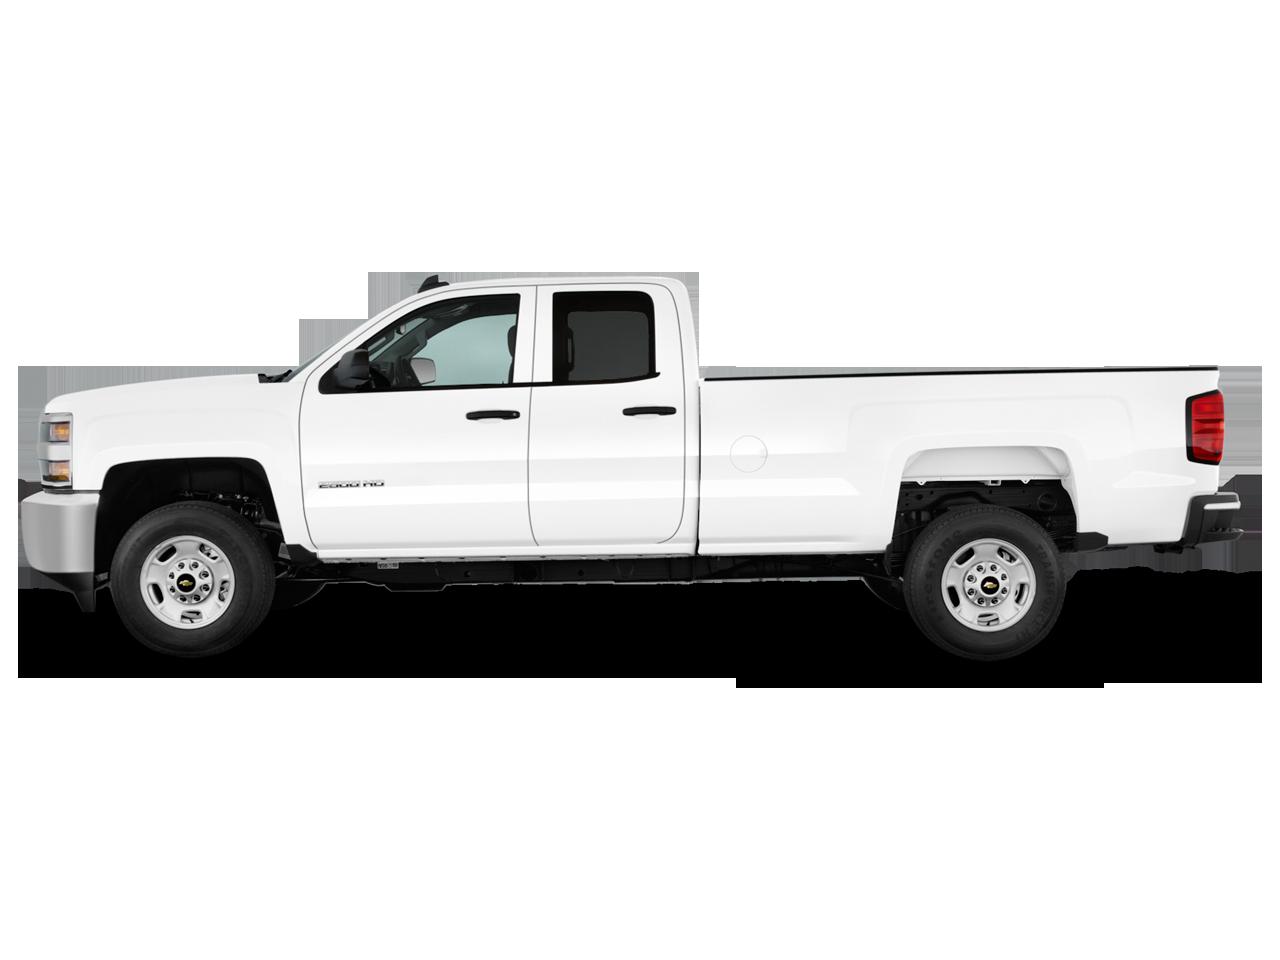 New Silverado 2500HD for Sale in Sylvania, OH - Dave White Chevrolet